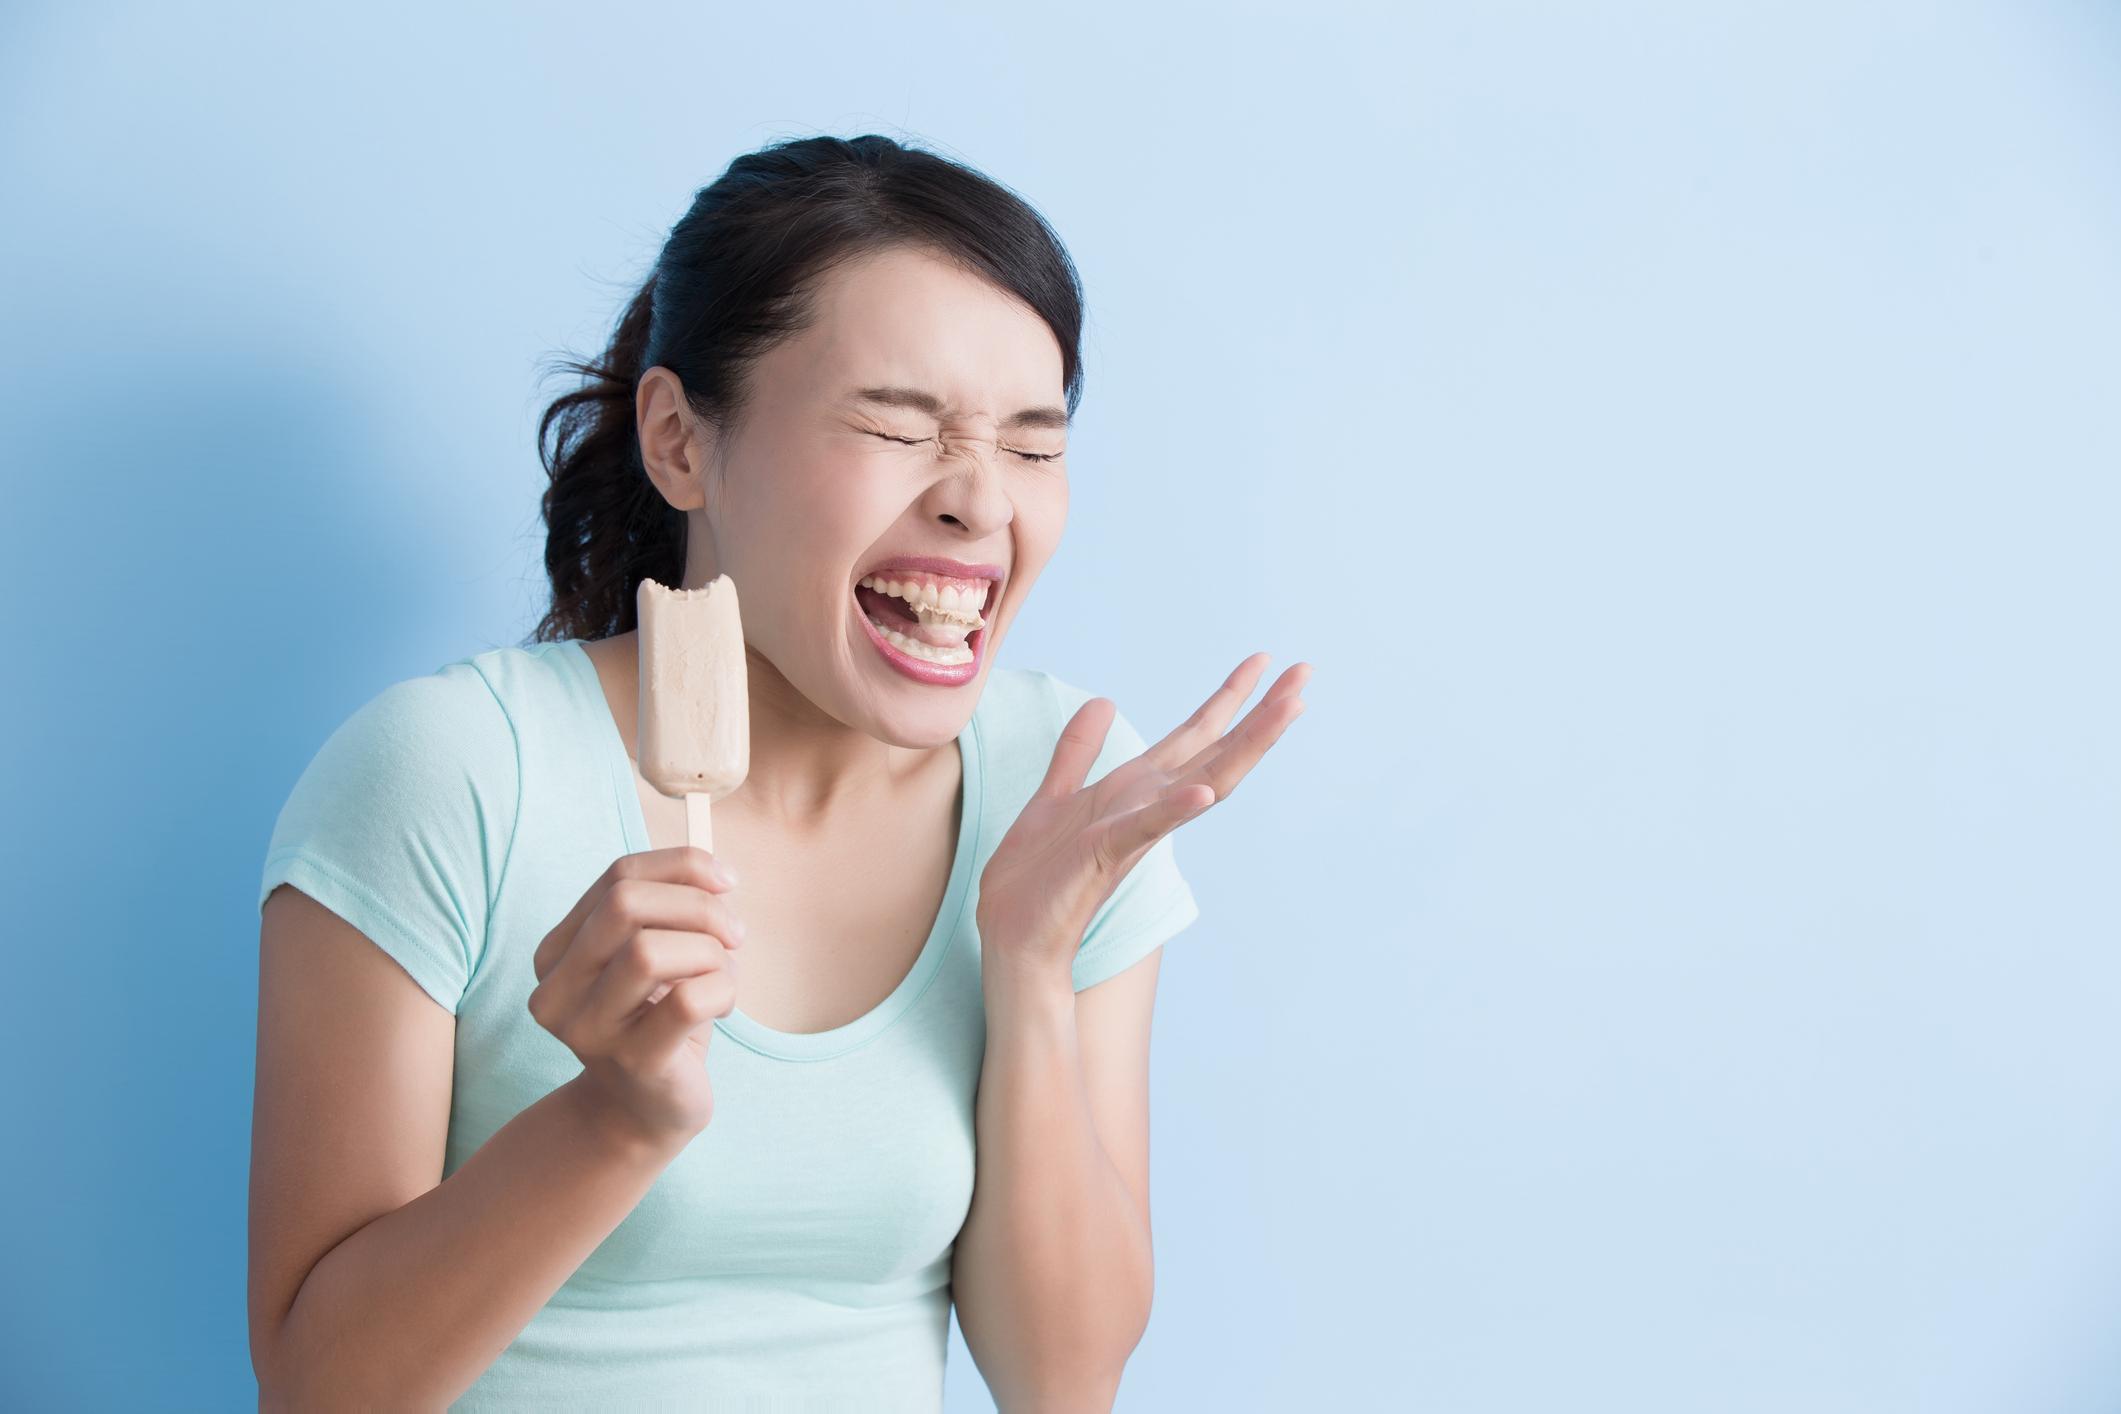 知覚過敏なら乳酸アルミニウムや硝酸カリウムで歯をコーティング